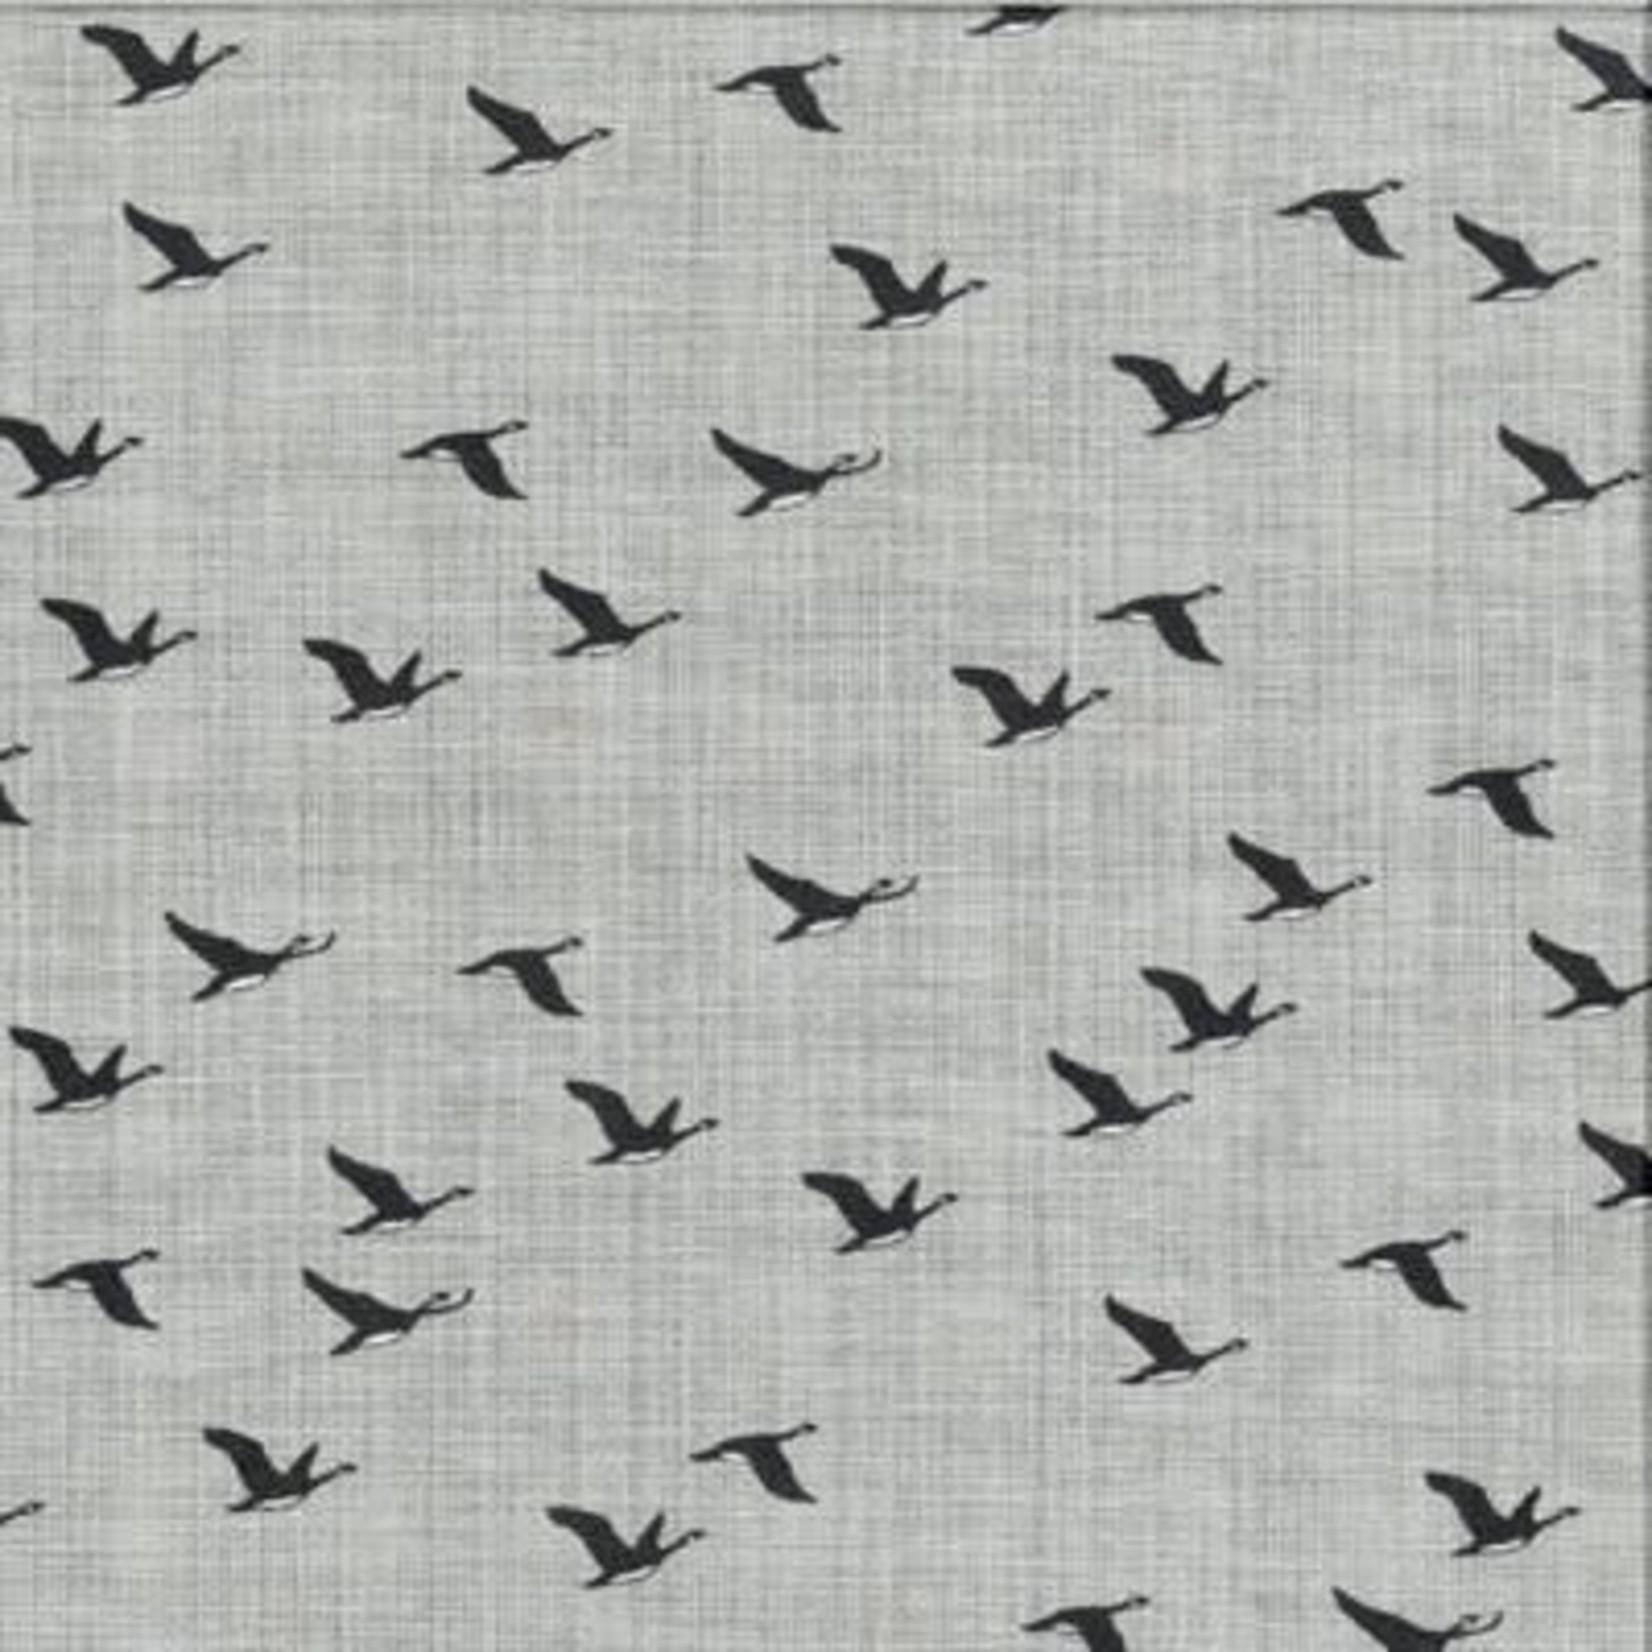 Kate & Birdie Paper Co. True North 2, Geese, Grey 513213-17 per cm or $20/m